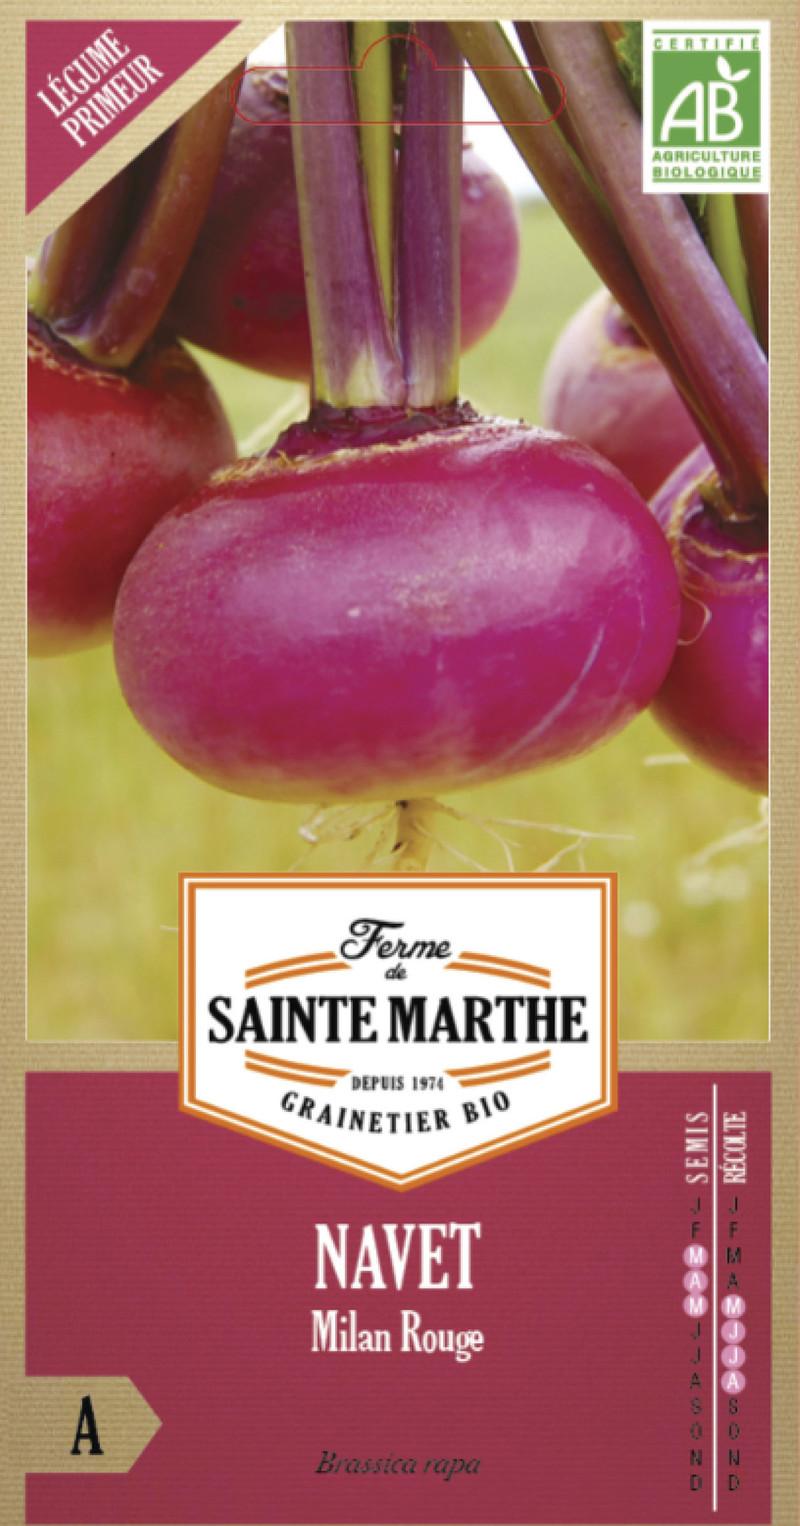 navet milan rouge bio la ferme de sainte marthe graine semence potager sachet semis - Voir en grand